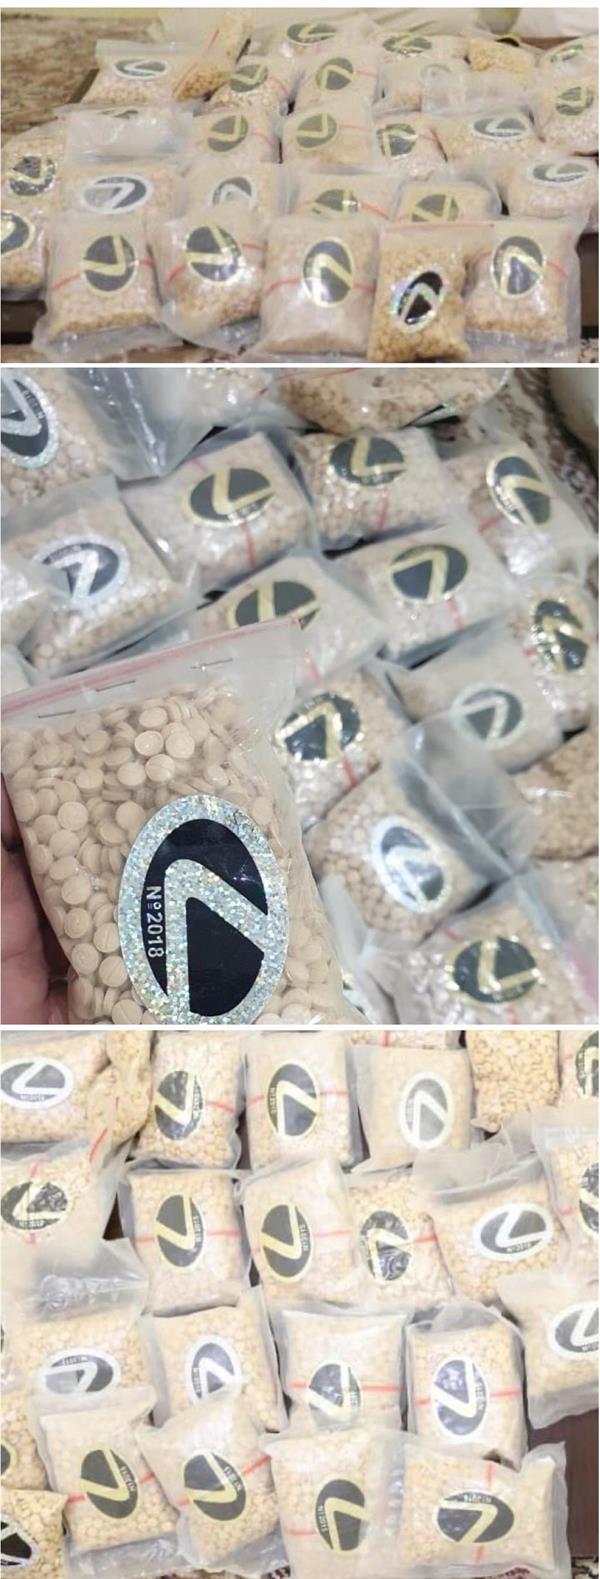 القبض على مواطن روّج 10 آلاف قرص من الإمفيتامينات المخدرة بمكة